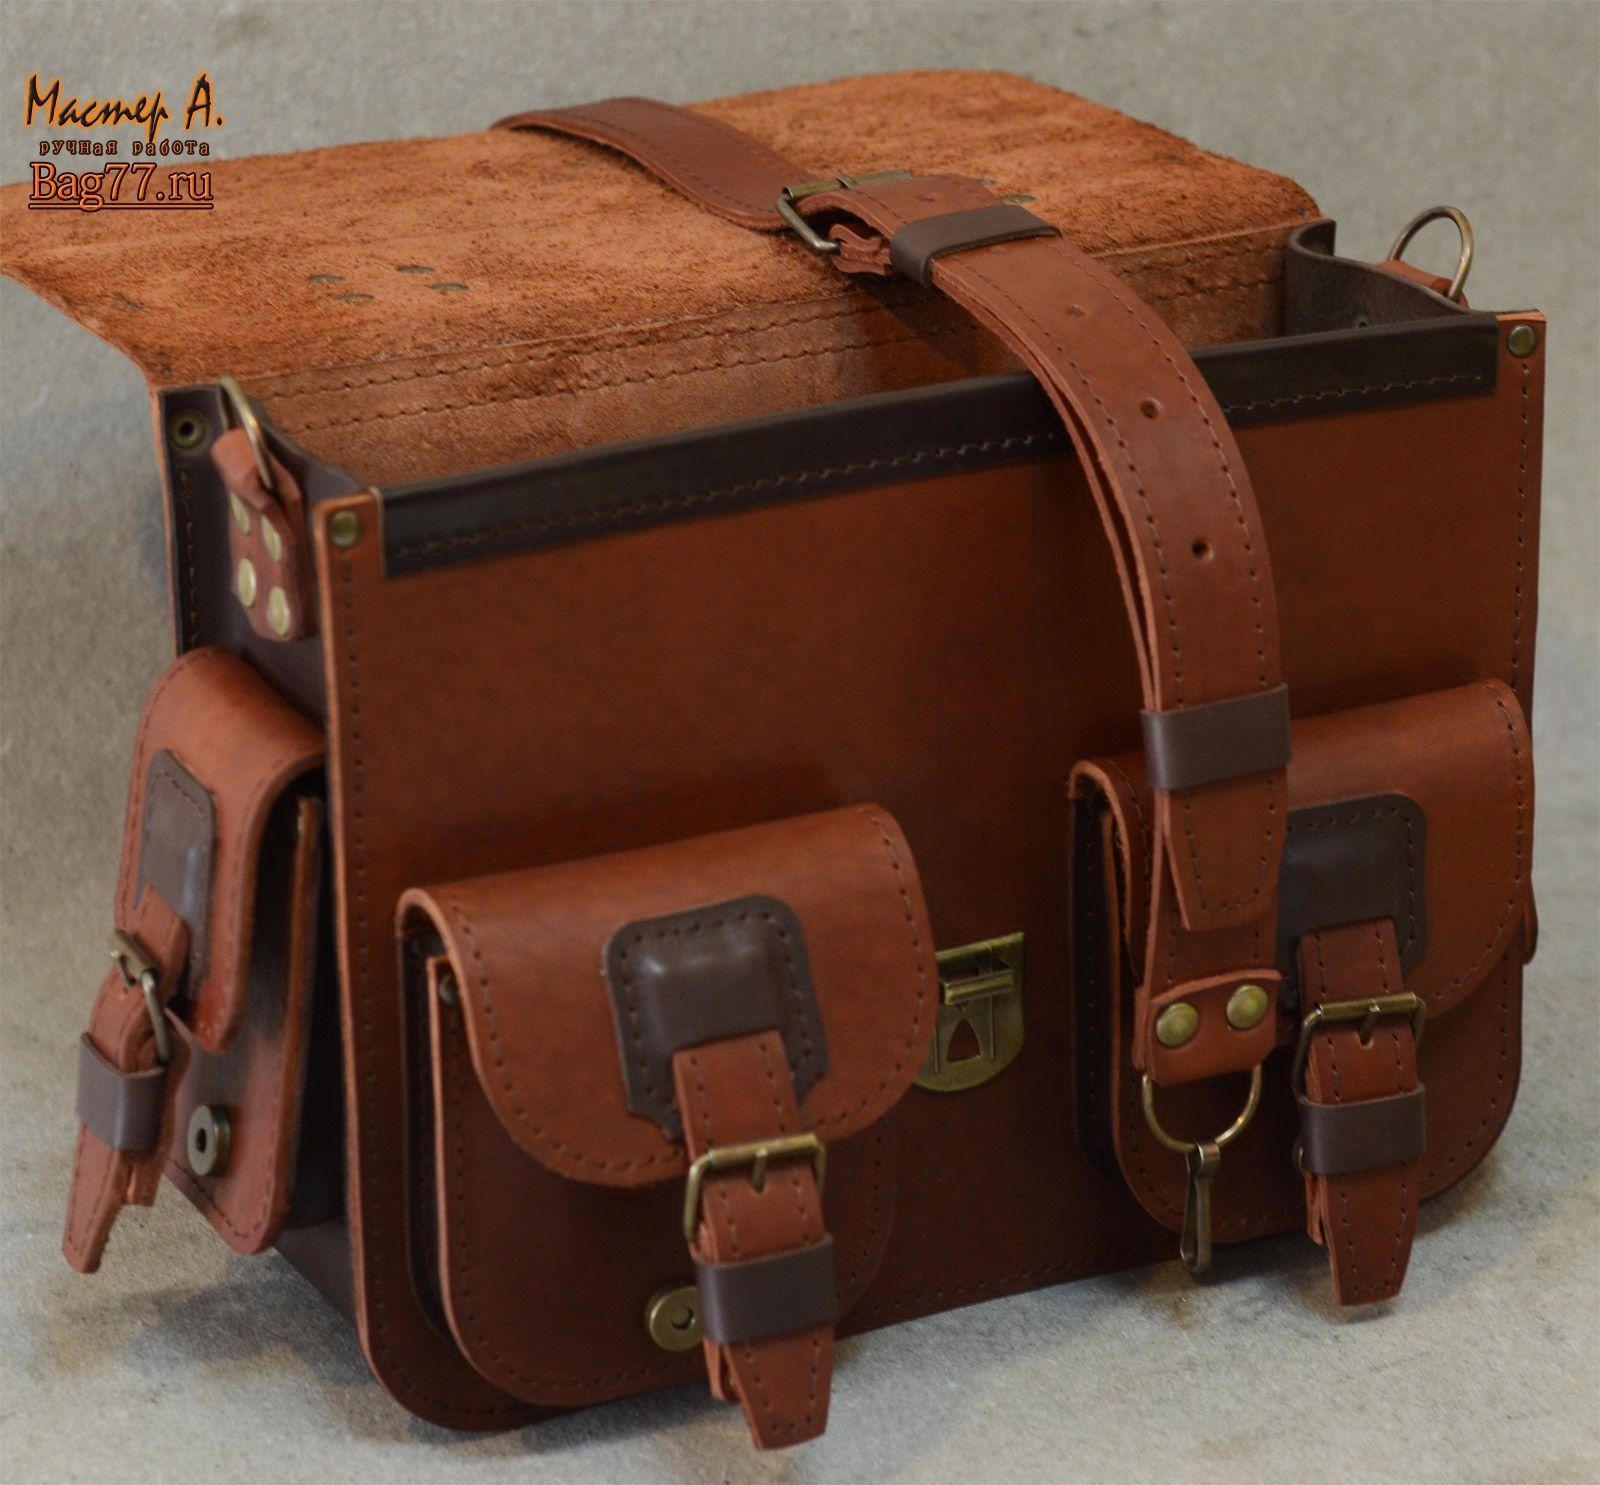 b5d0634fa59a Bag77.ru — кожаные сумки и кожаные мужские портфели ручной работы ...